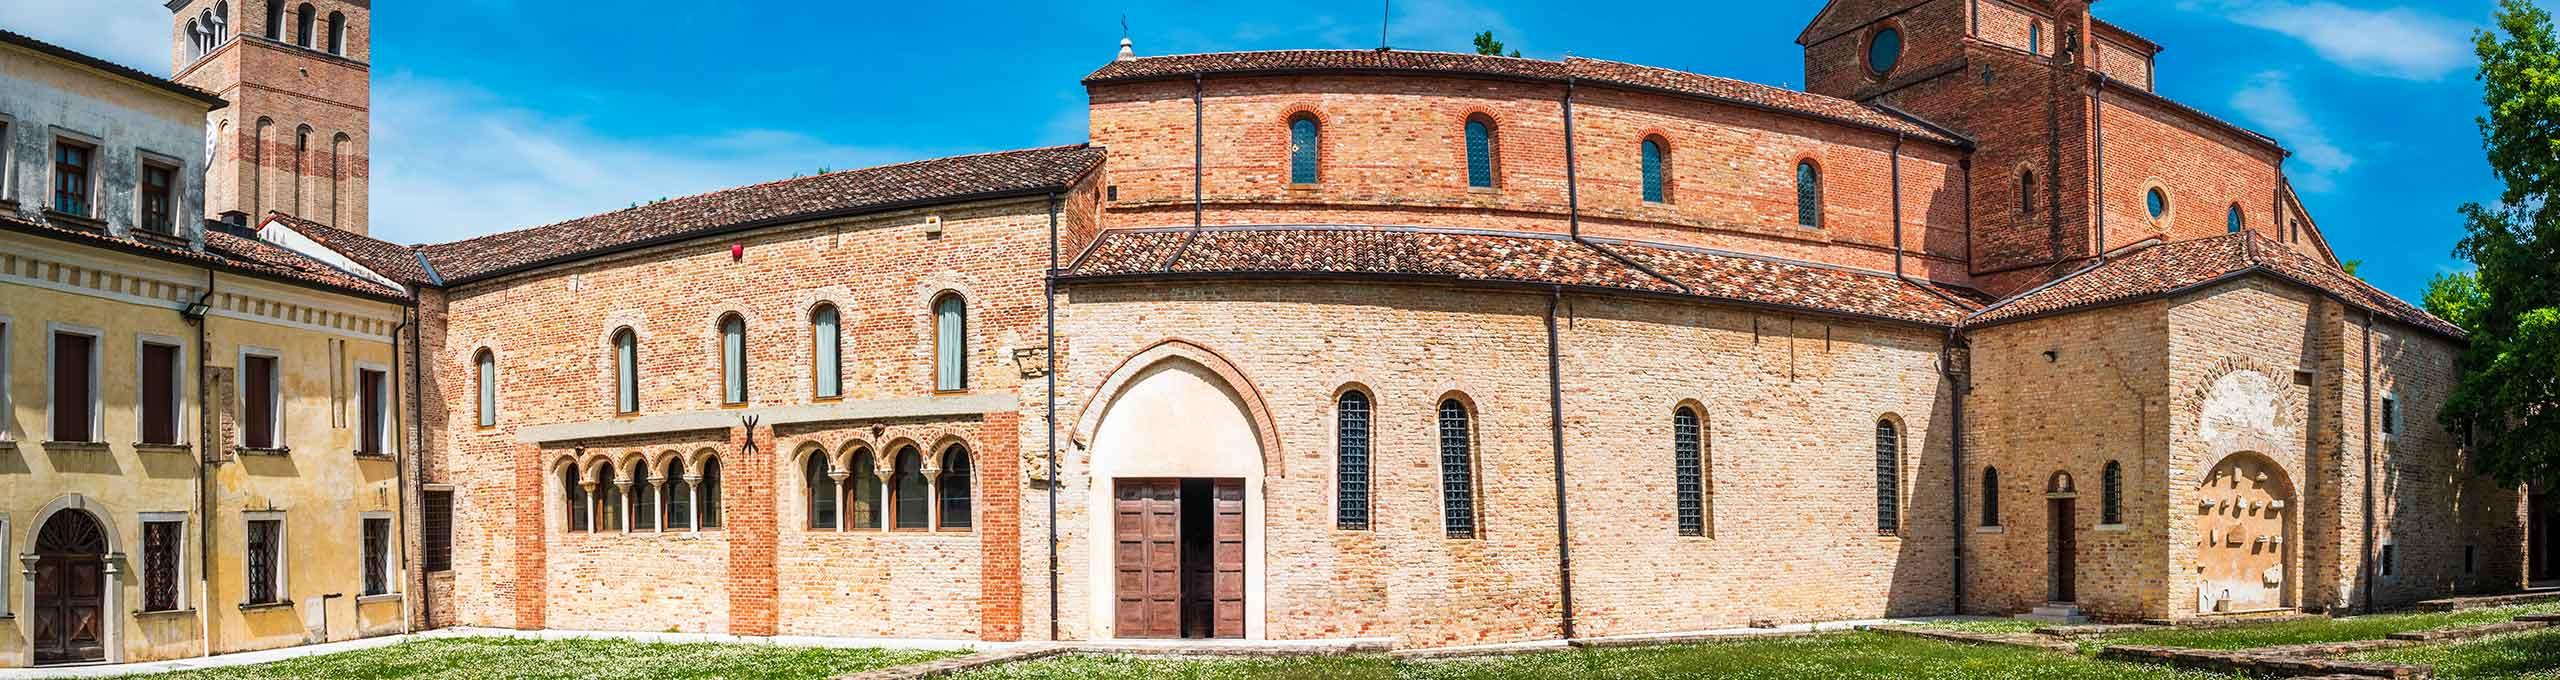 Sesto al Reghena, Pordenone e dintorni, abbazia